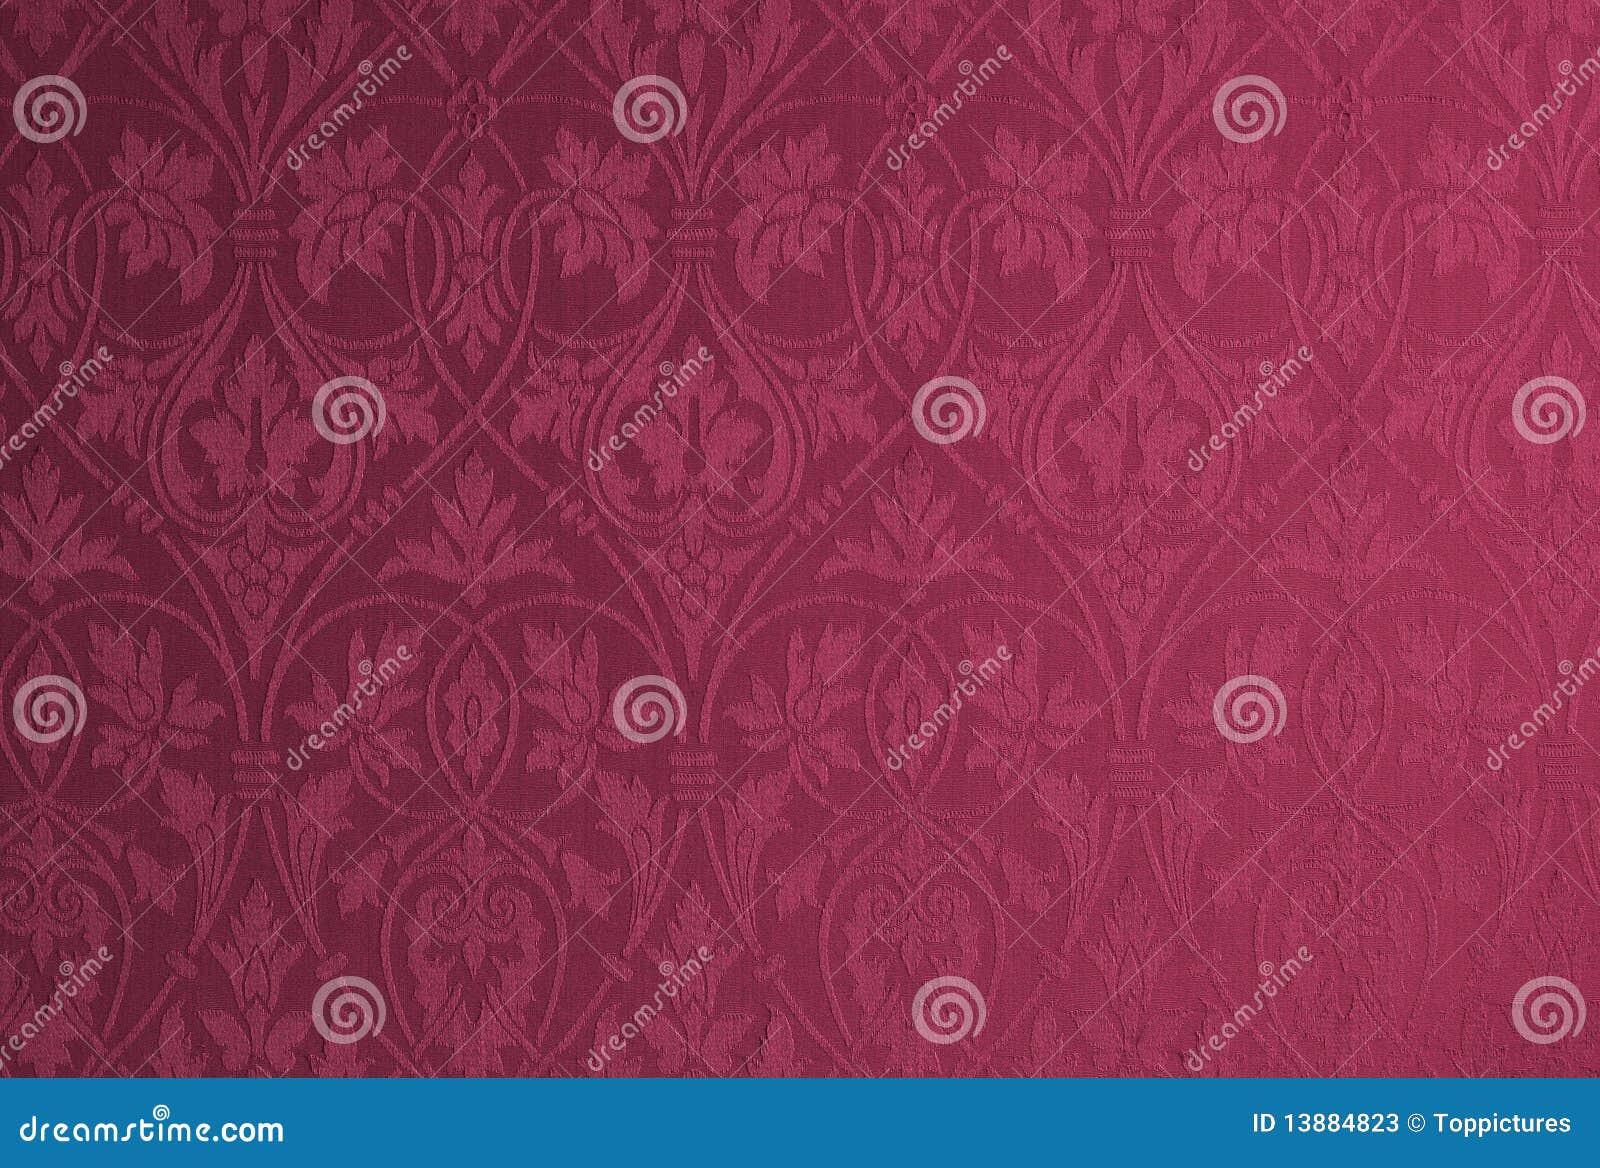 Carta Da Parati Damascata Rosa : Carta da parati del damasco immagine stock immagine di vecchio